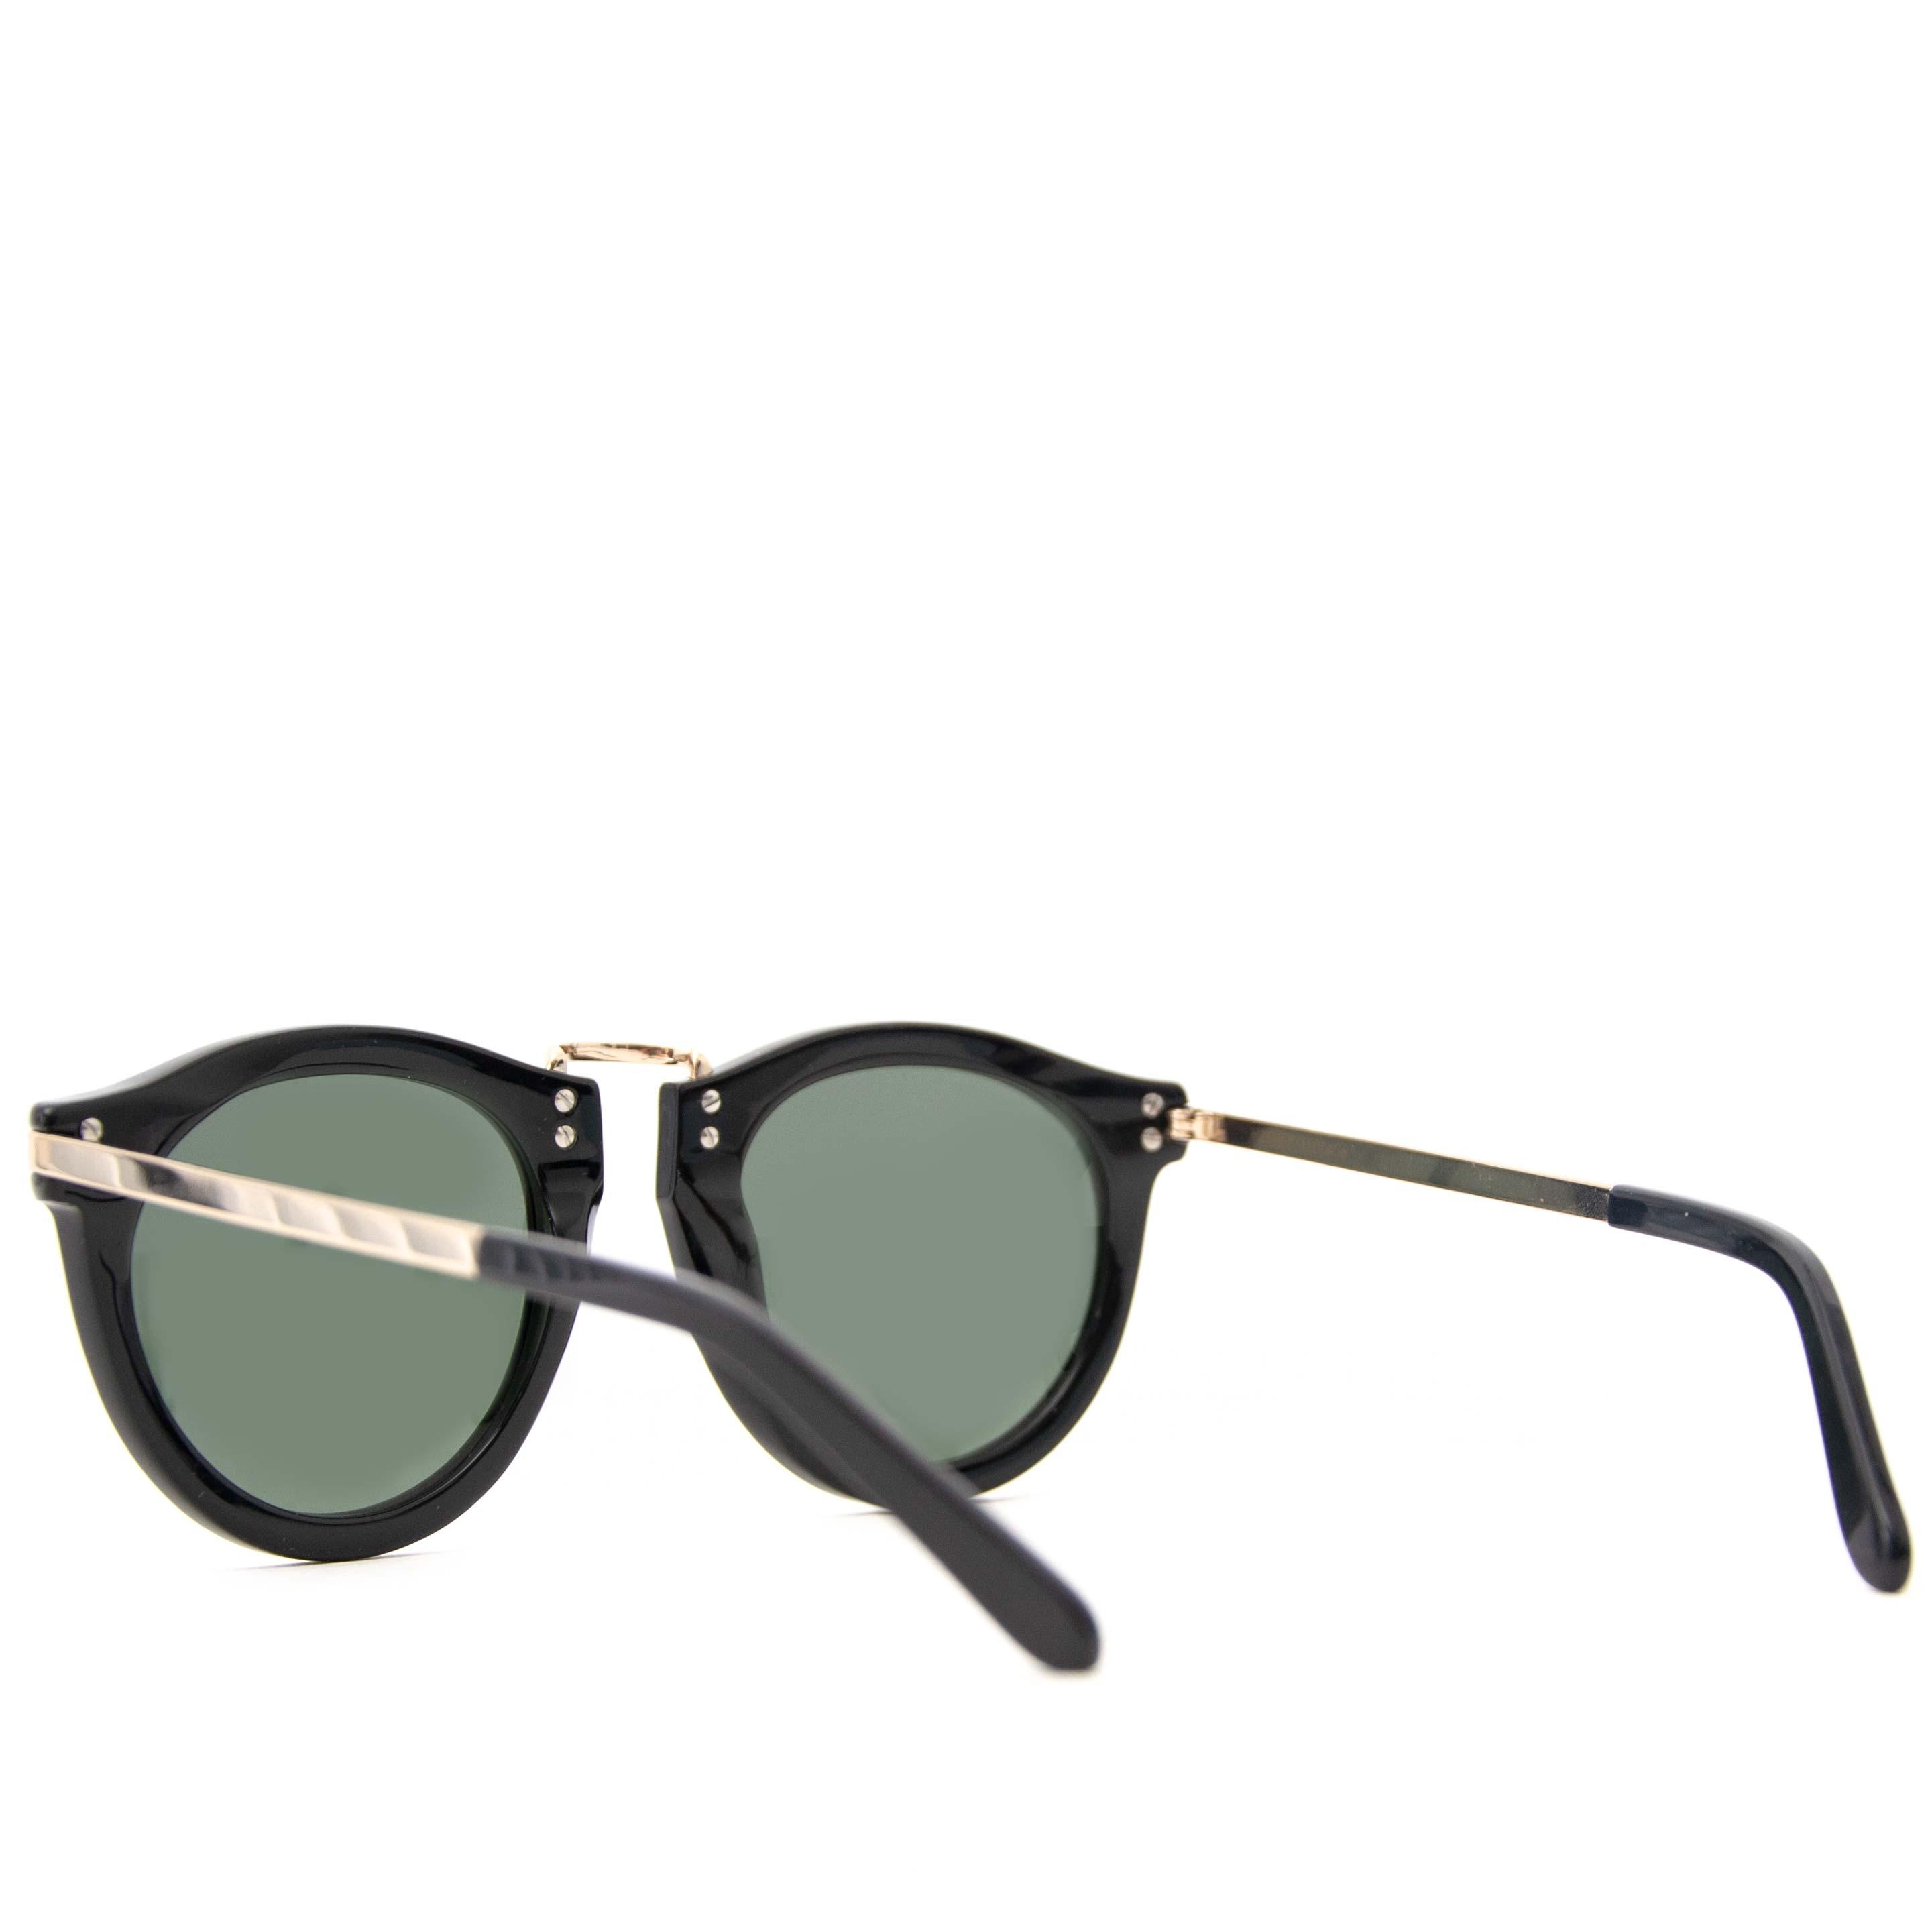 shop safe online secondhand Karen Walker Black Metal Harvest Sunglasses